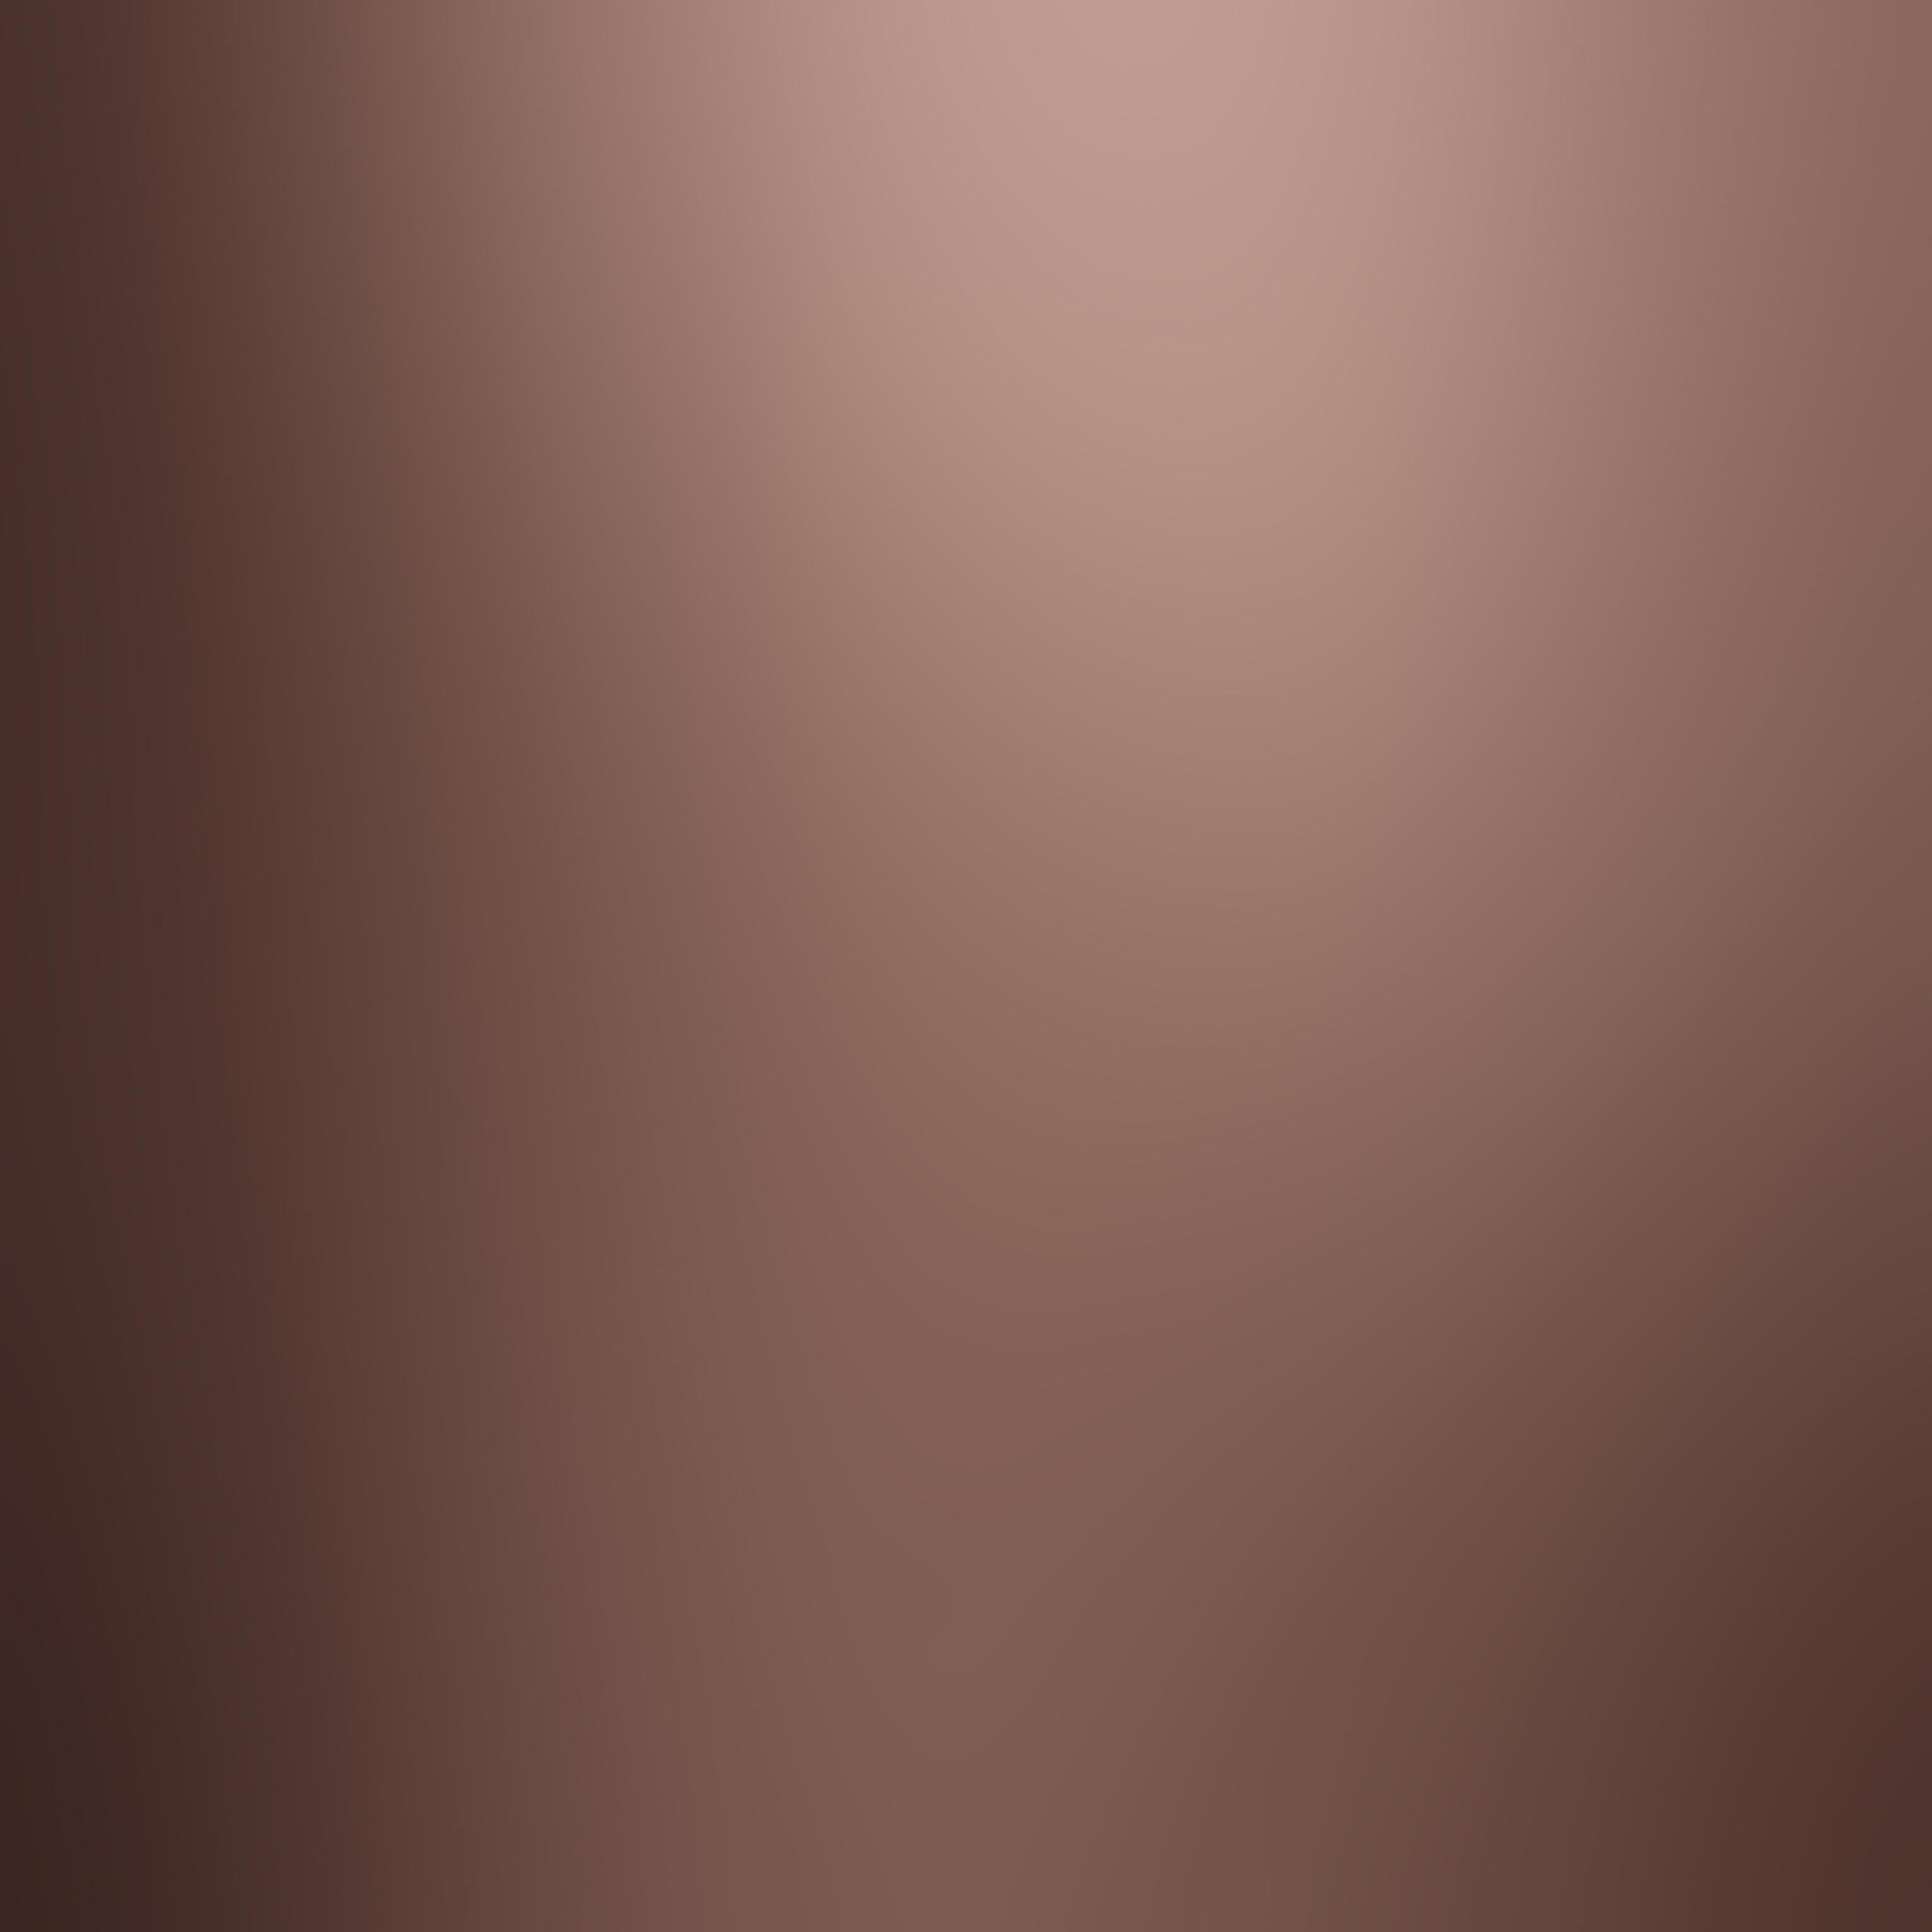 Sf91 Brown Beige Rose Gold Gradation Blur